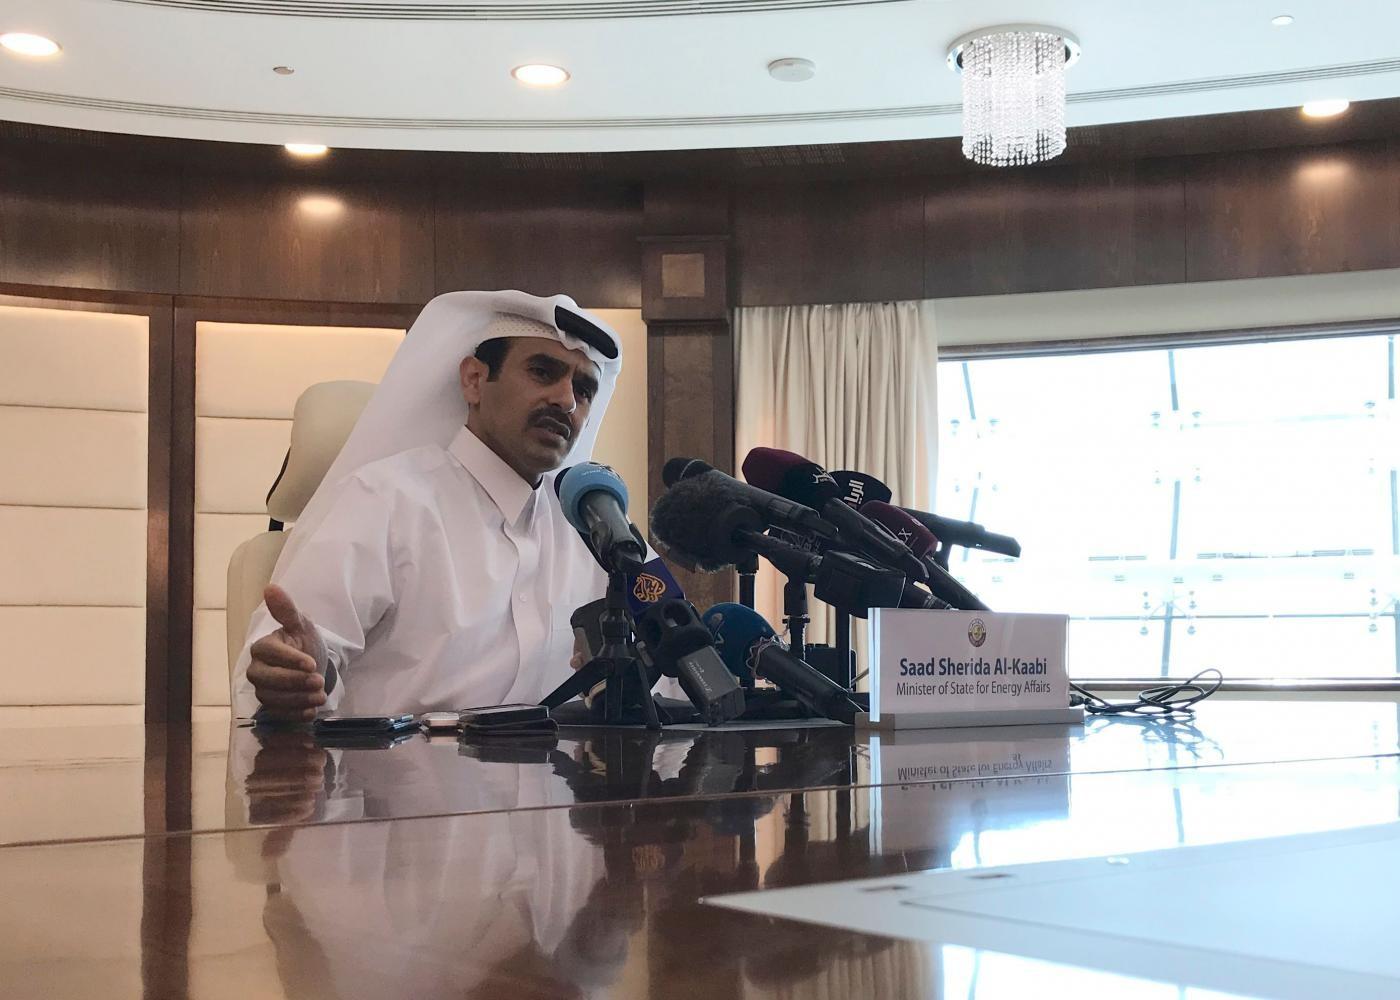 Scontro con l'Arabia Saudita, il Qatar abbandona l'Opec dopo 58 anni